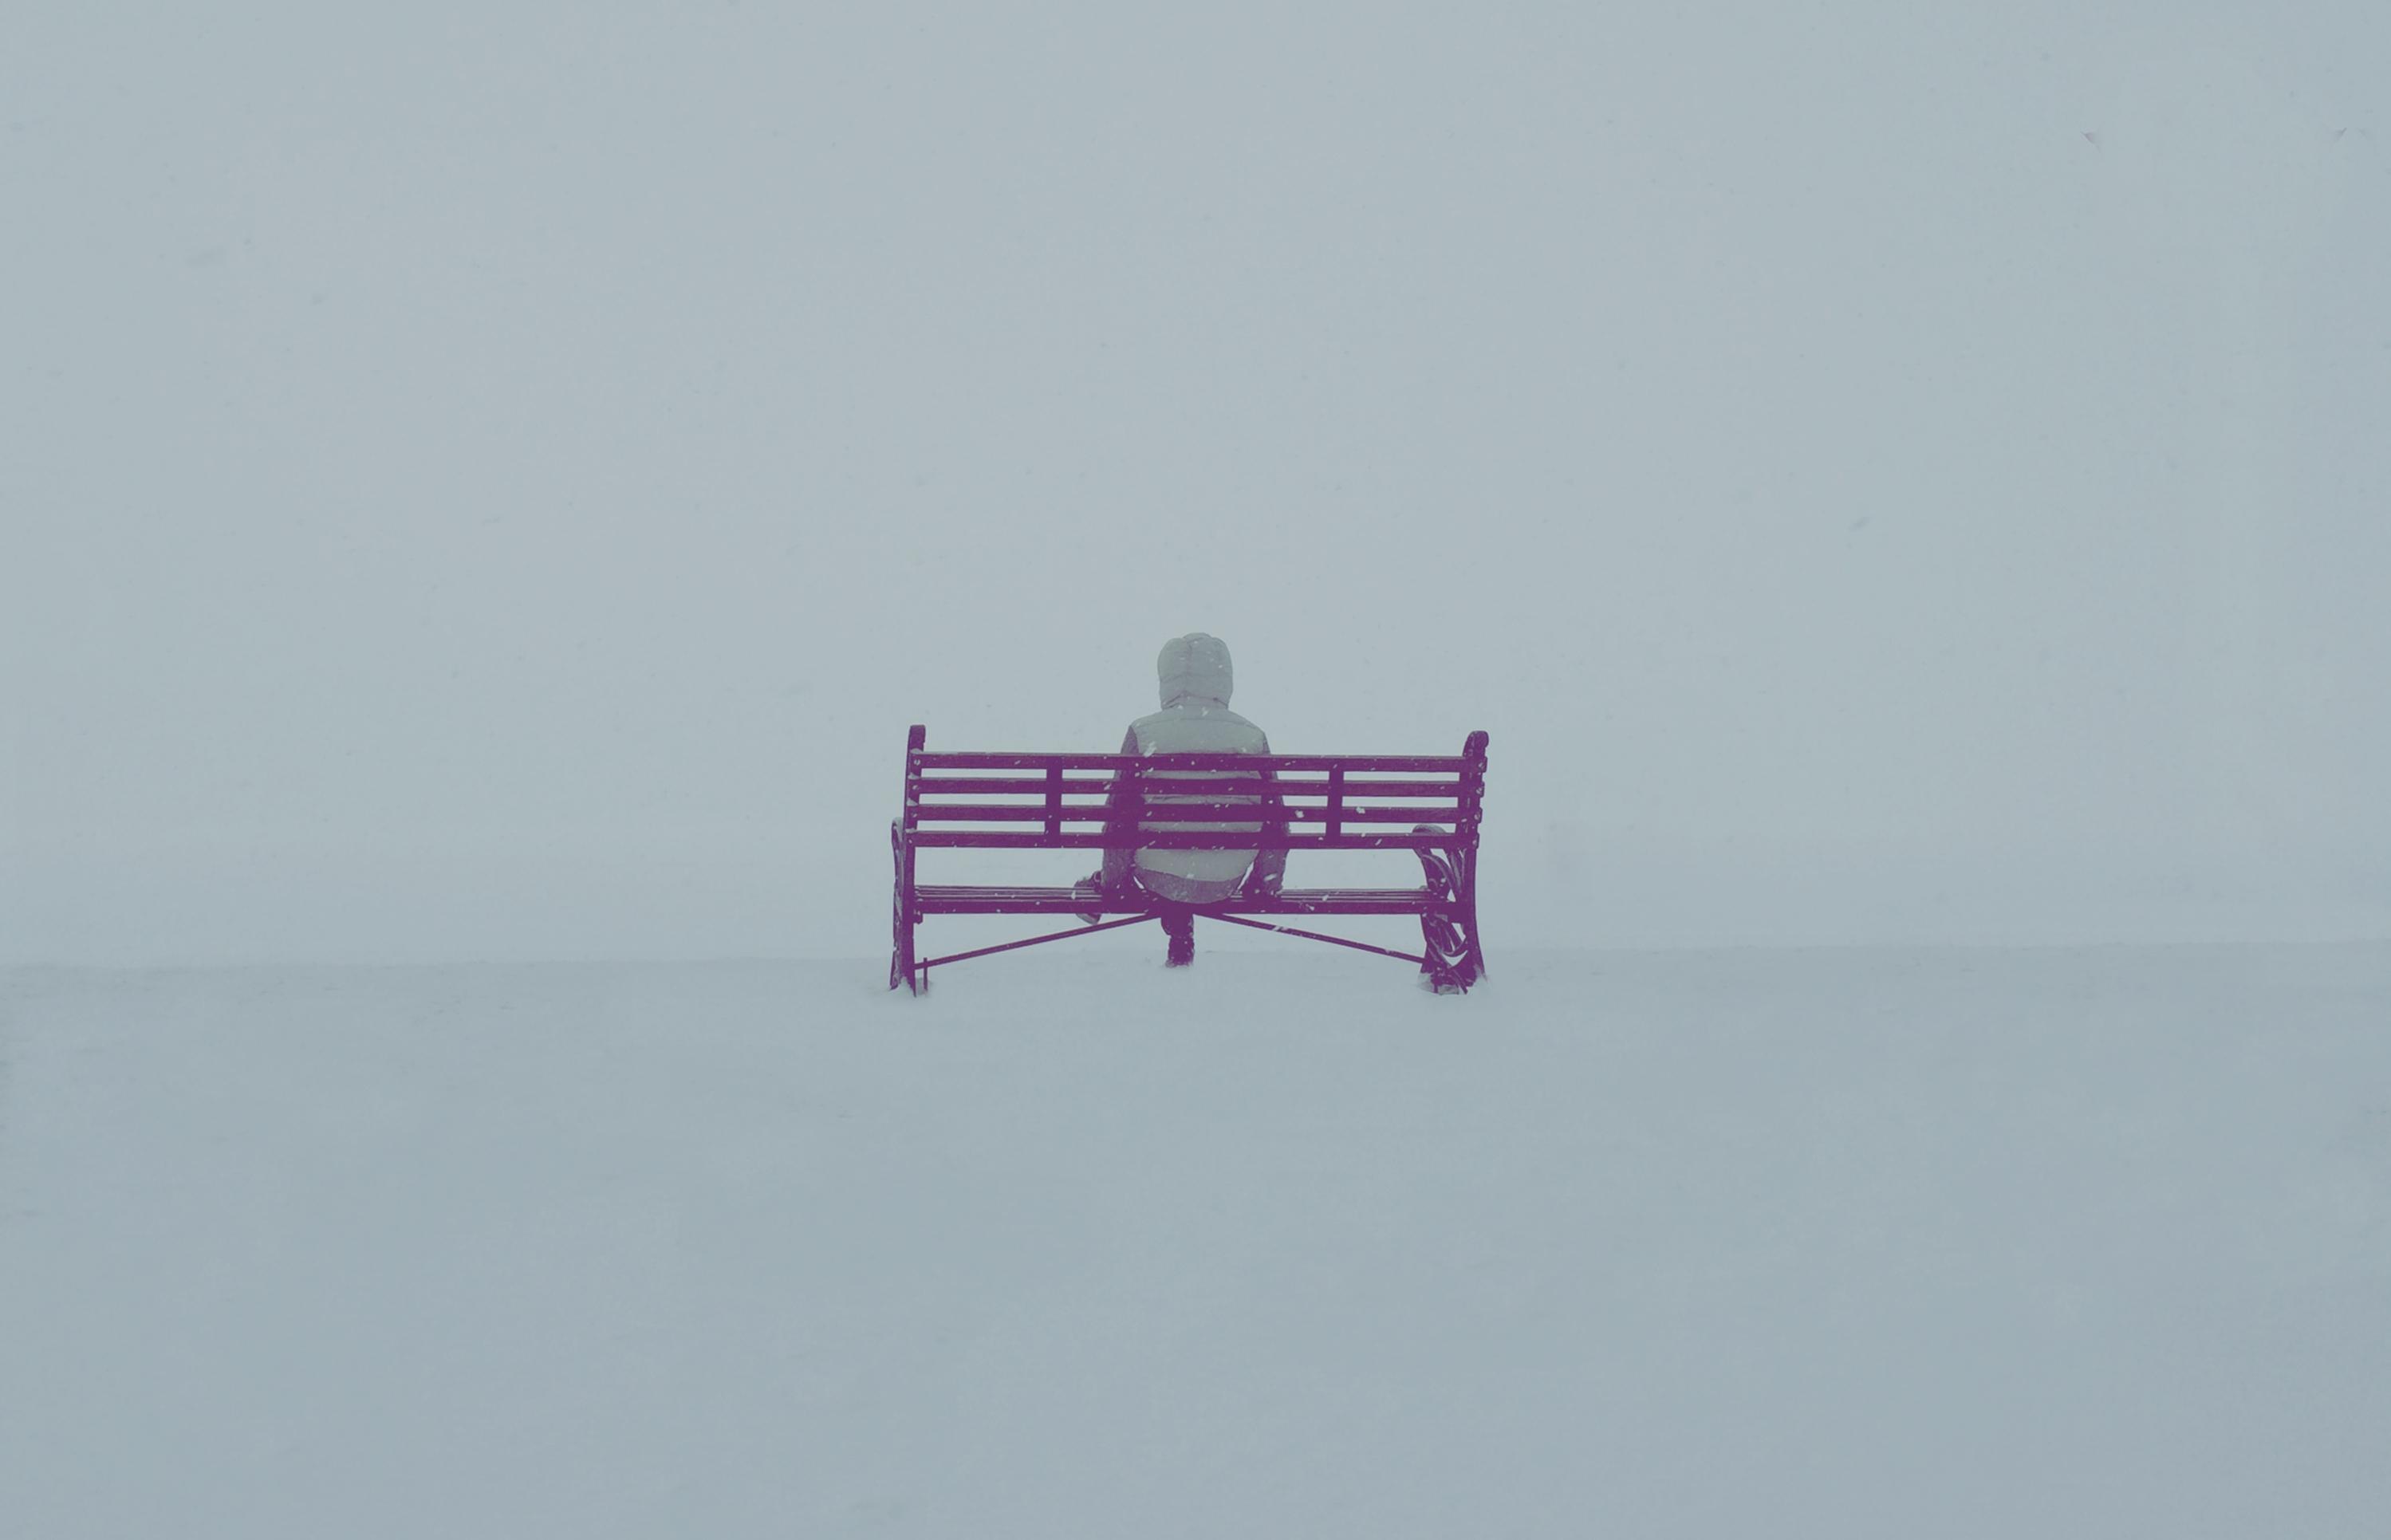 デスクトップ壁紙 白 自然 ミニマリズム 雪 冬 青 コールド